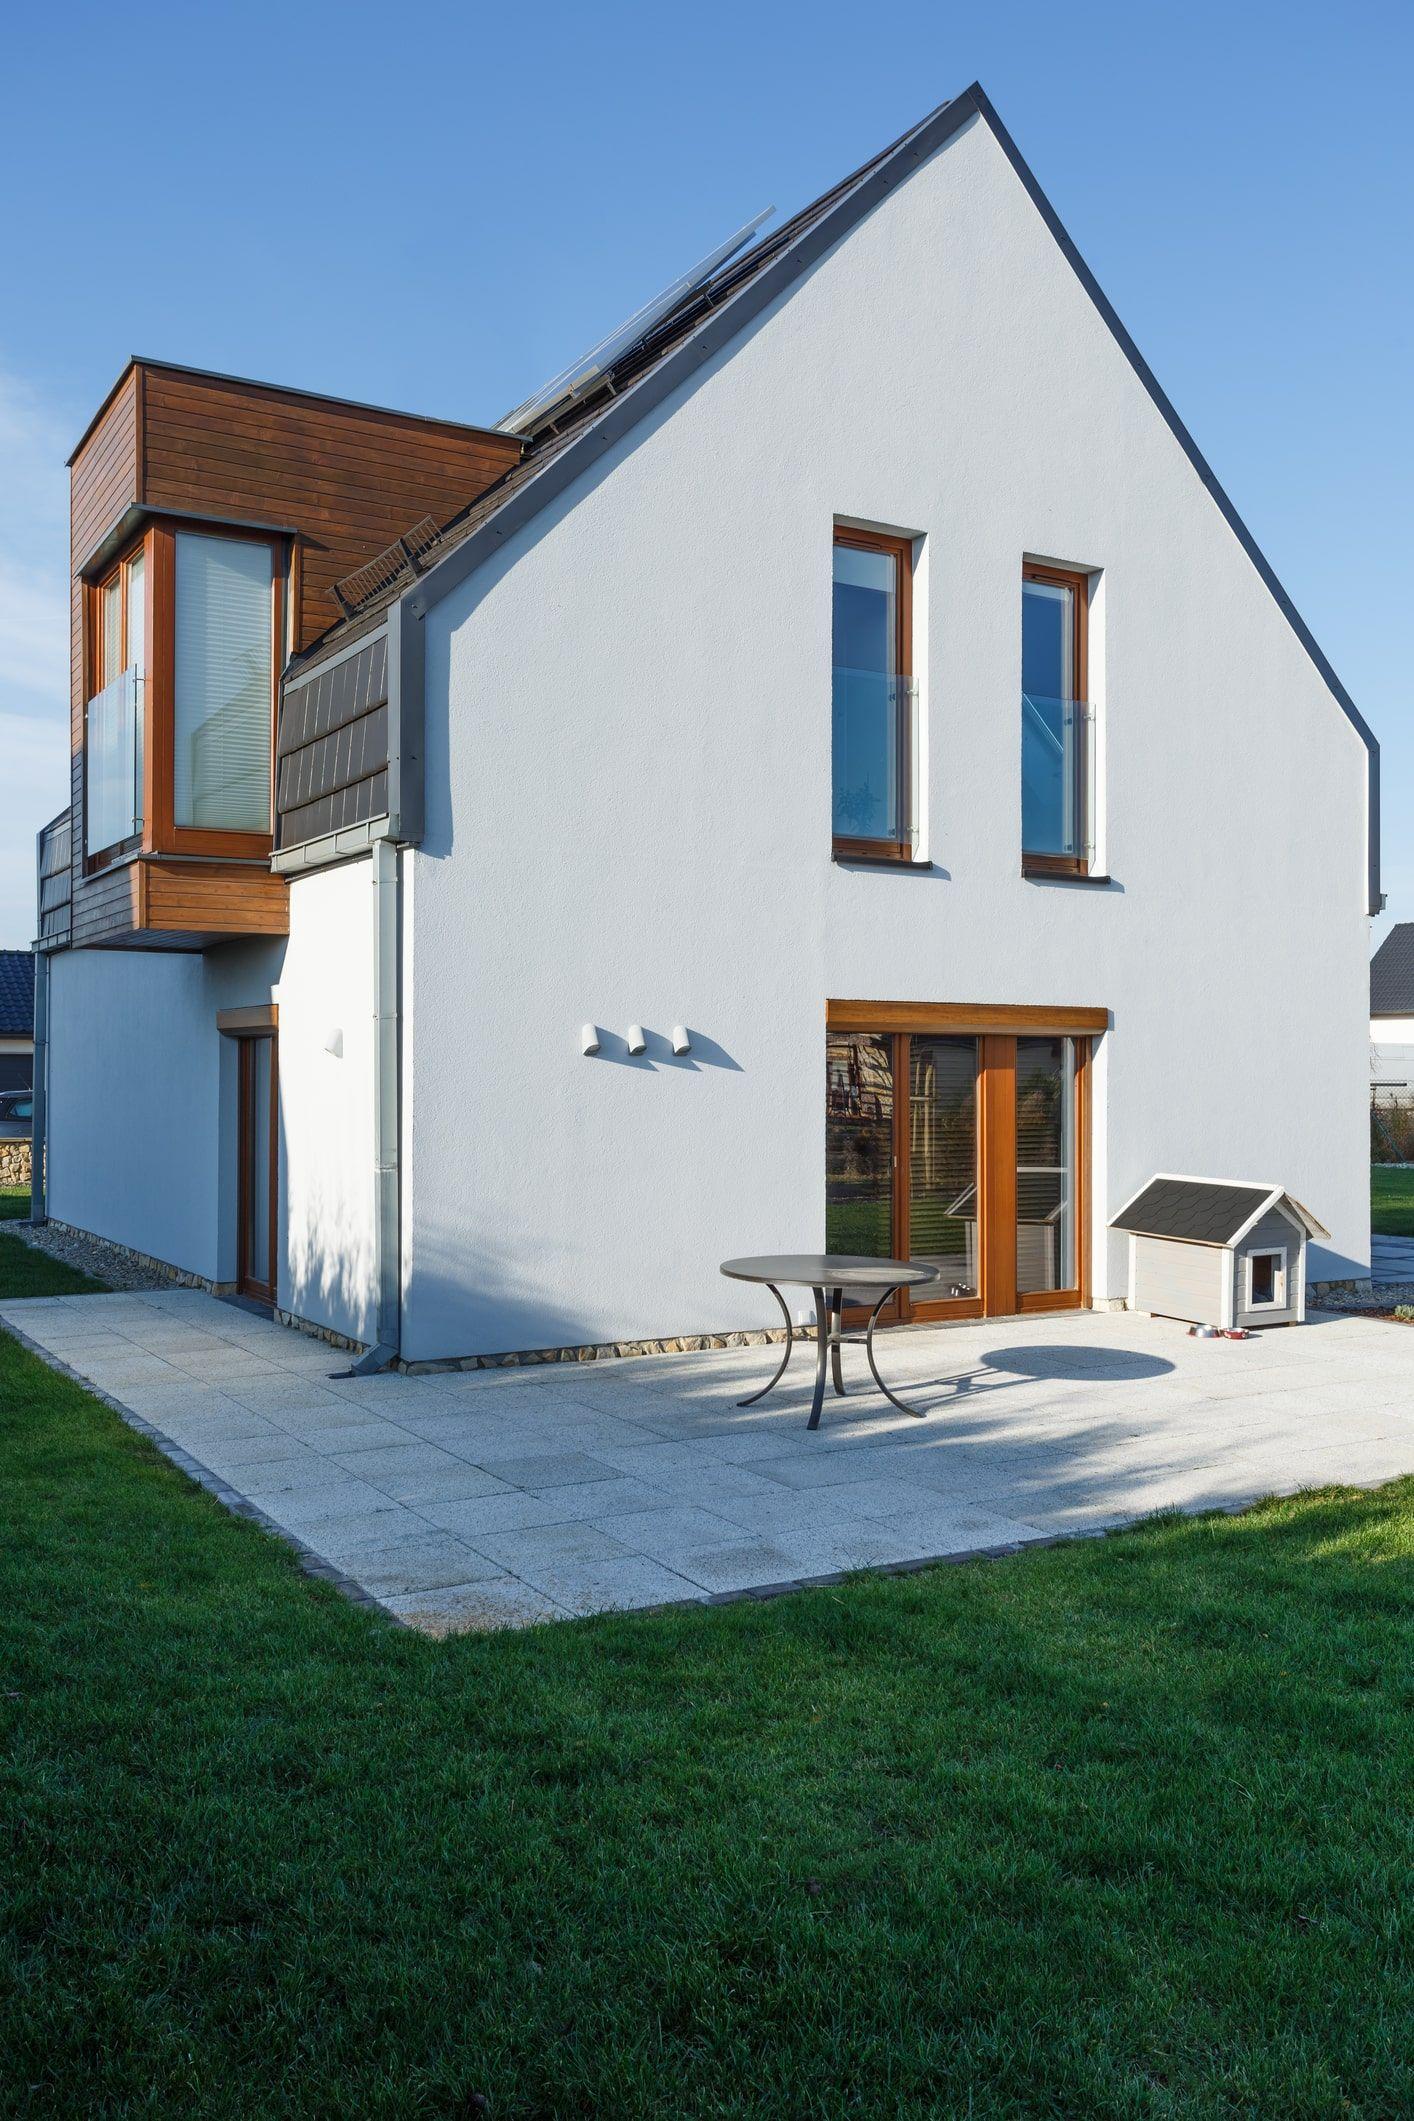 Présentation Du Logiciel Pour Plan De Maison D Cedar Architect - Programme pour plan de maison